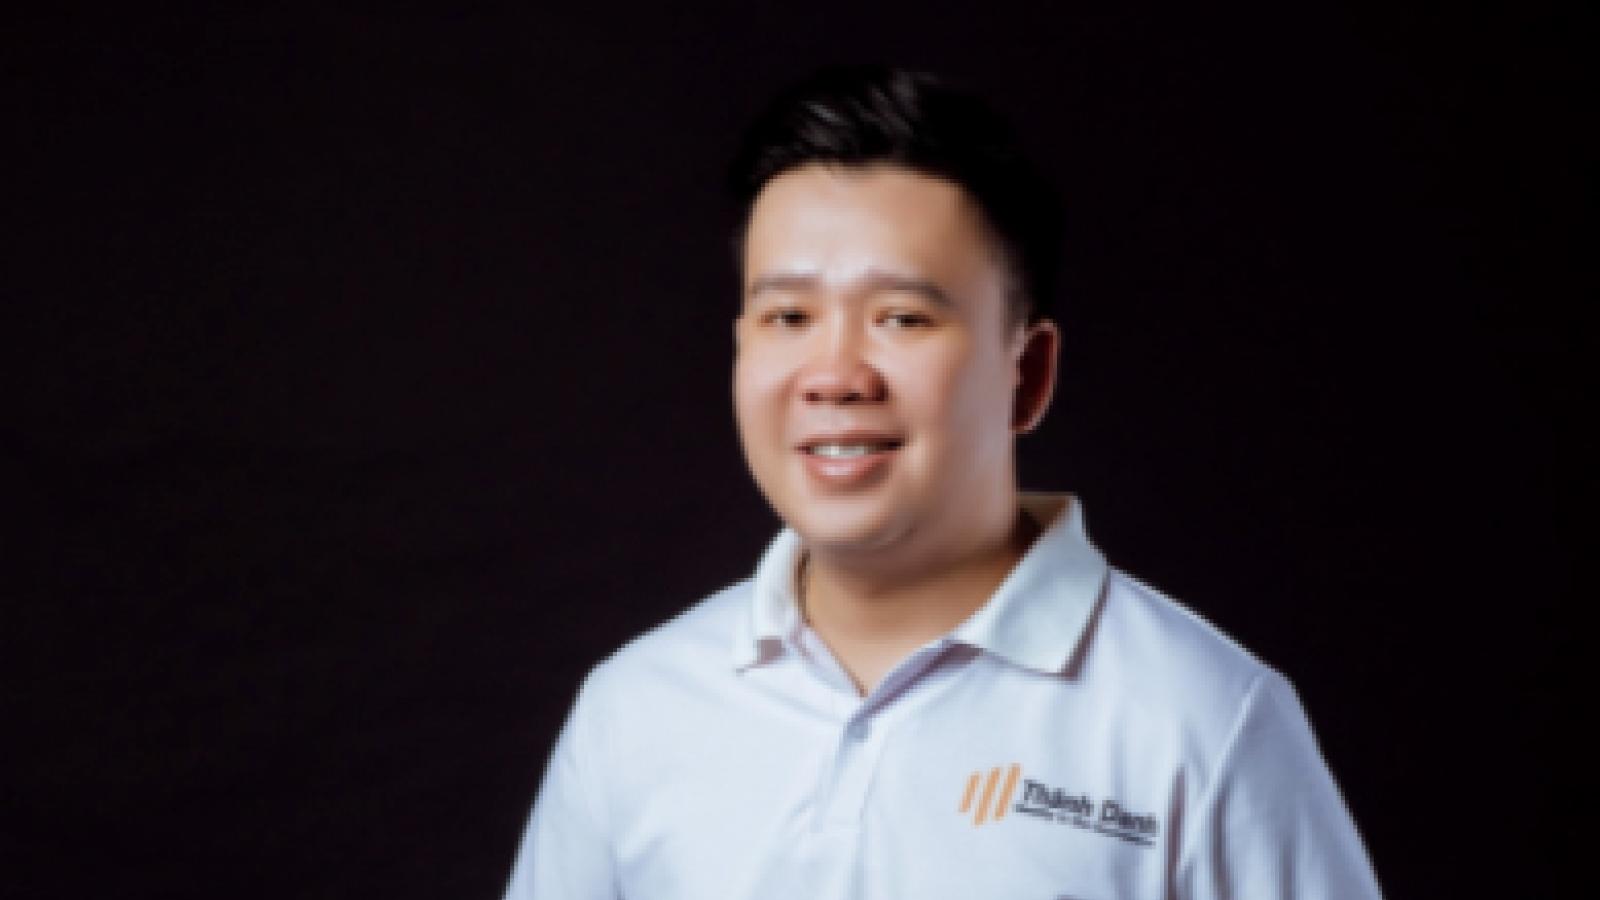 9X Nguyễn Thành Danh – tay trắng thành công nhờ niềm đam mê công nghệ